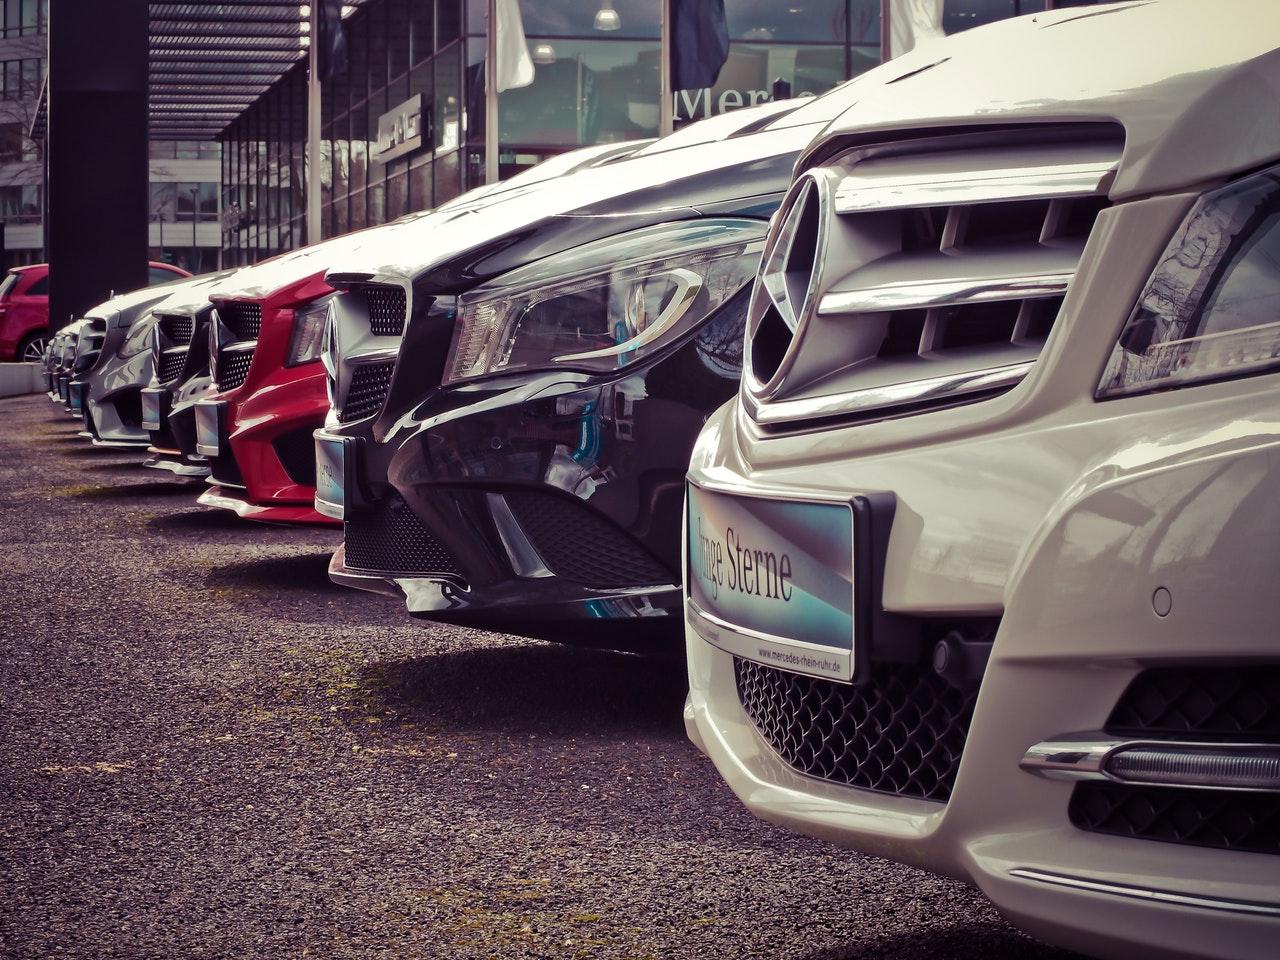 garantia das montadoras - Garantia legal